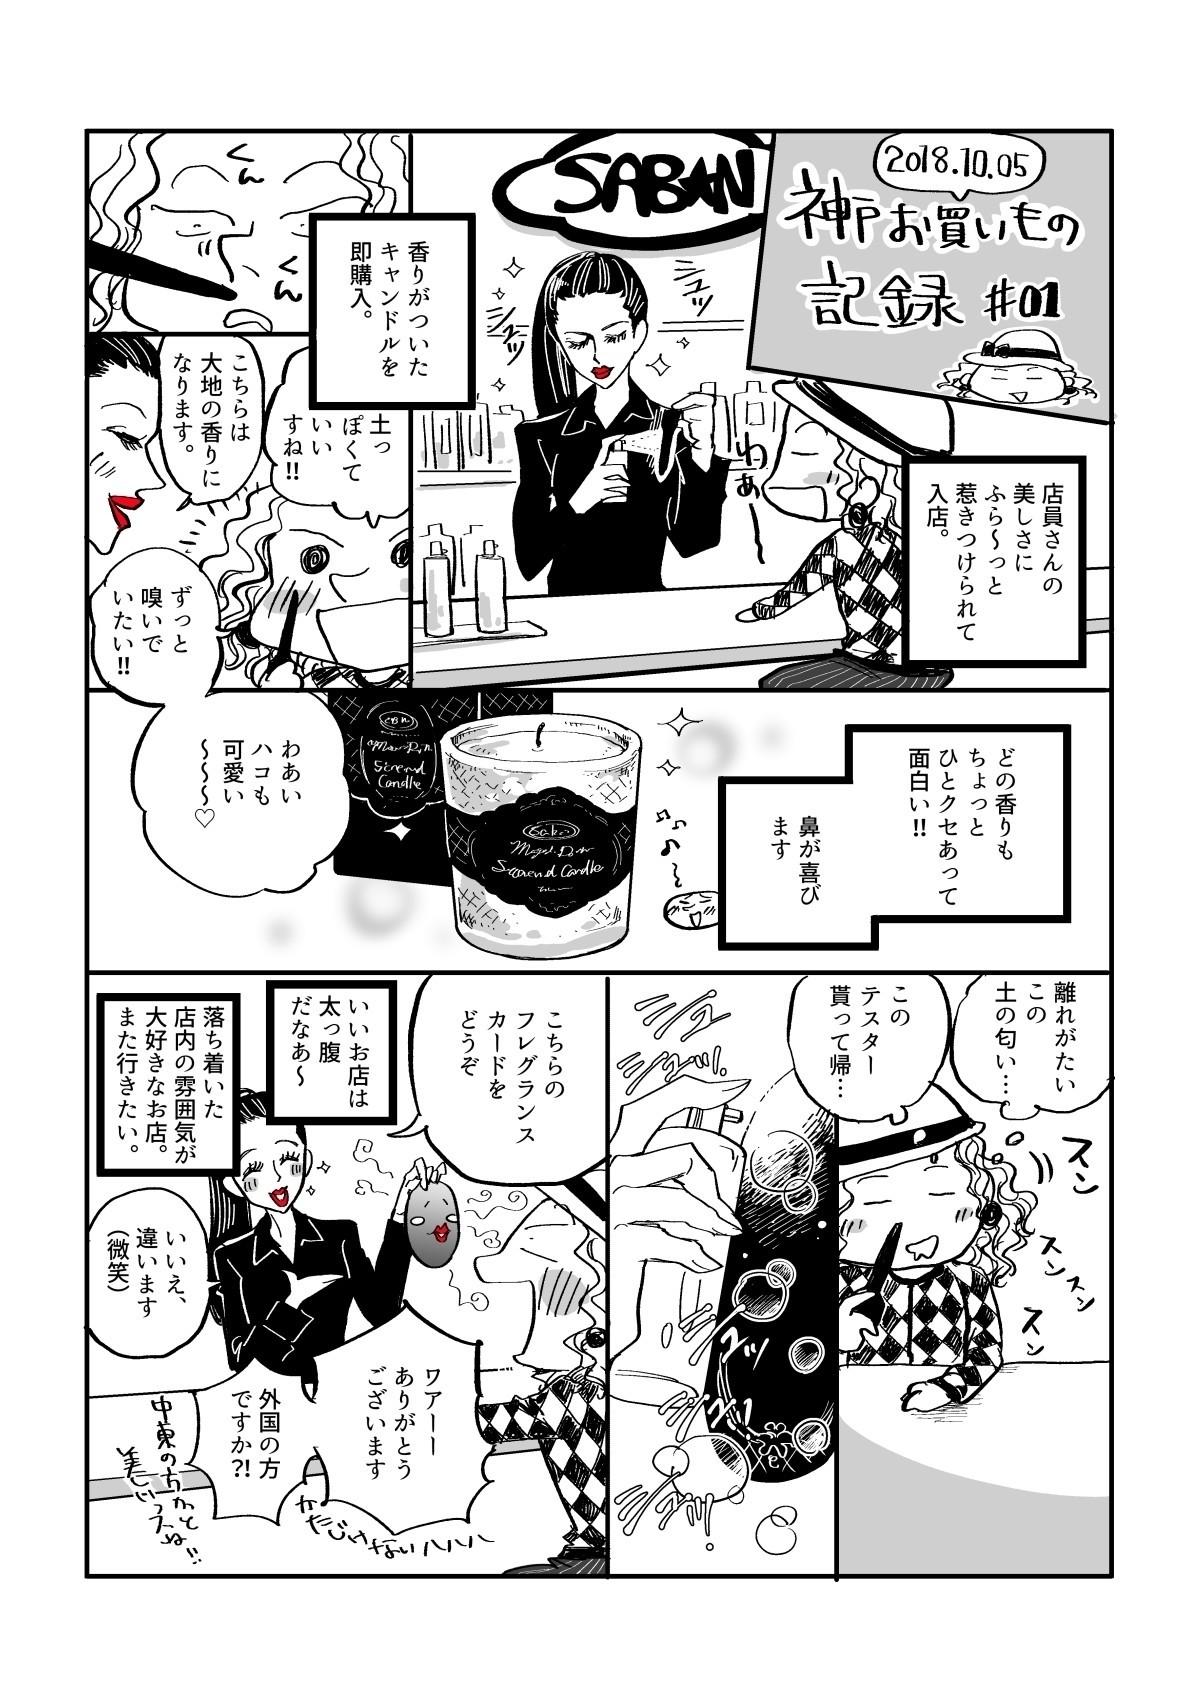 (*諸事情により自画像変わりました。)もうだいぶ前ですが、神戸でのお買い物記録。大好きなんですが、ちょっとお高いのでそんな気安くはいけない。でもその敷居の高さがいい。美人の店員さんもいい。こっそり眺めに行こうか。。